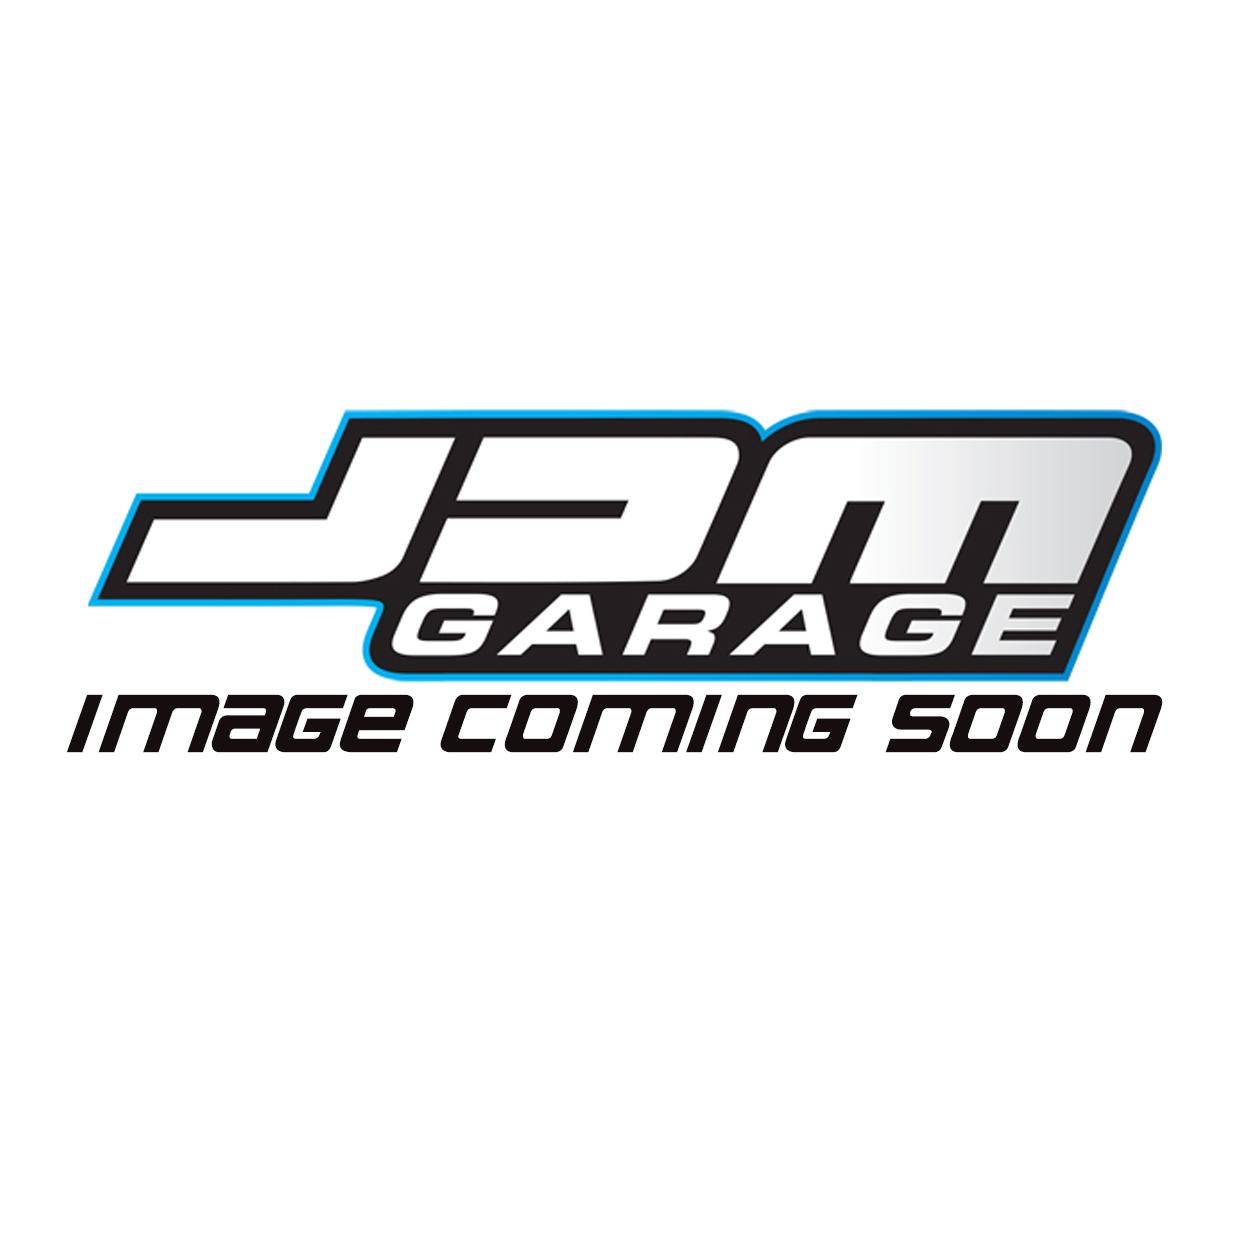 Genuine Toyota Power Steering Pump Gasket Kit for Toyota Chaser Mark II JZX90 JZX100 Verossa 1JZ-GTE Supra JZA80 Aristo 2JZ-GTE 04446-30120